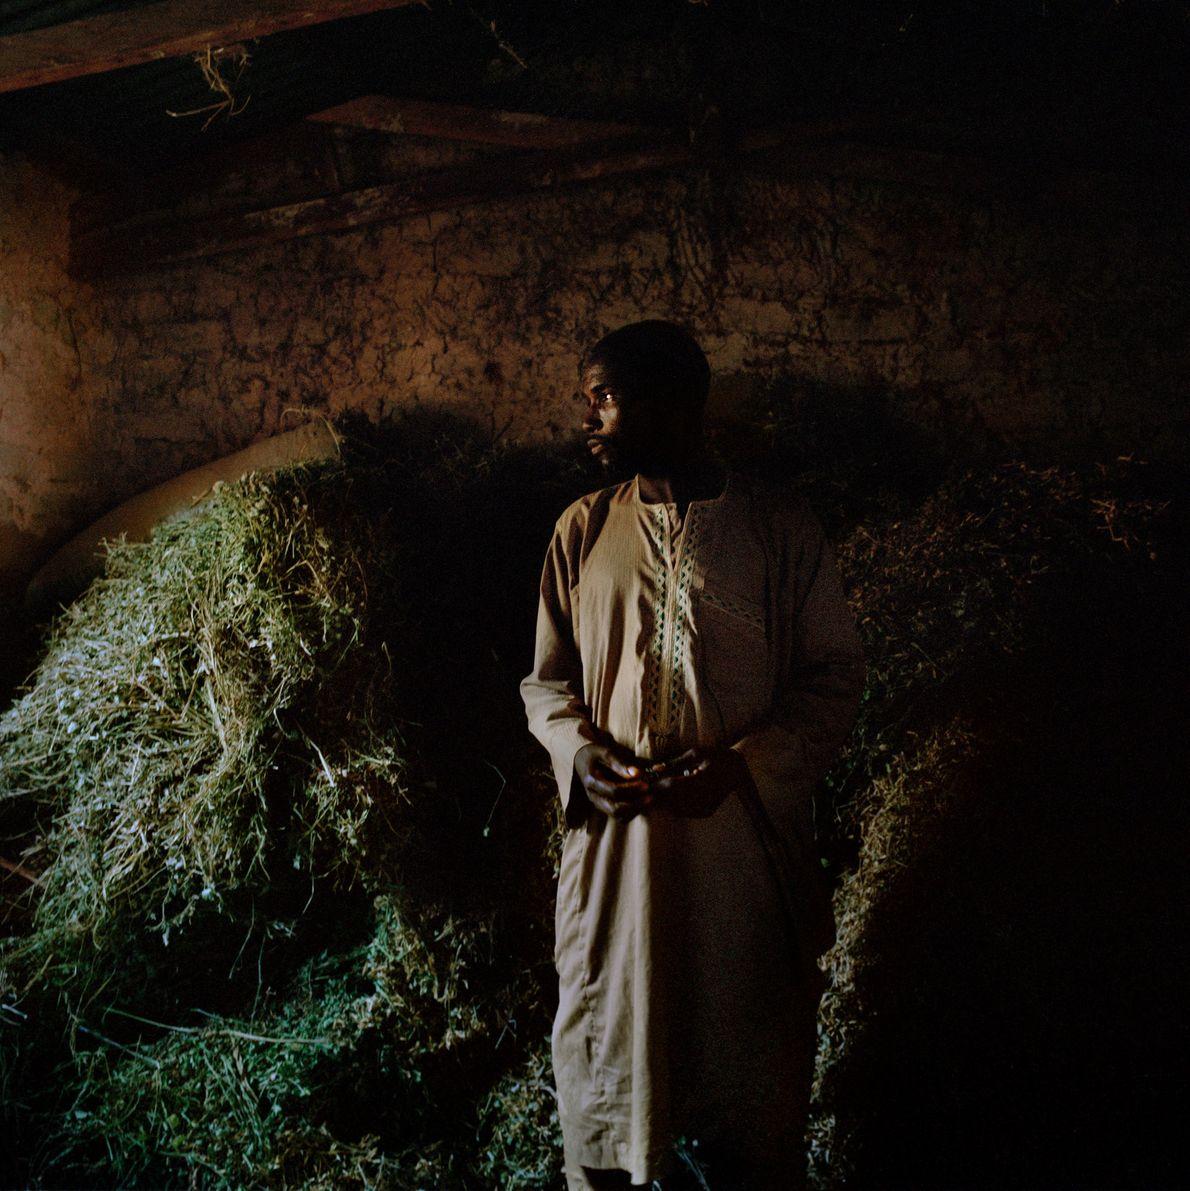 Timothy, un fermier nigérian, se tient près d'un stock de piments séchés.